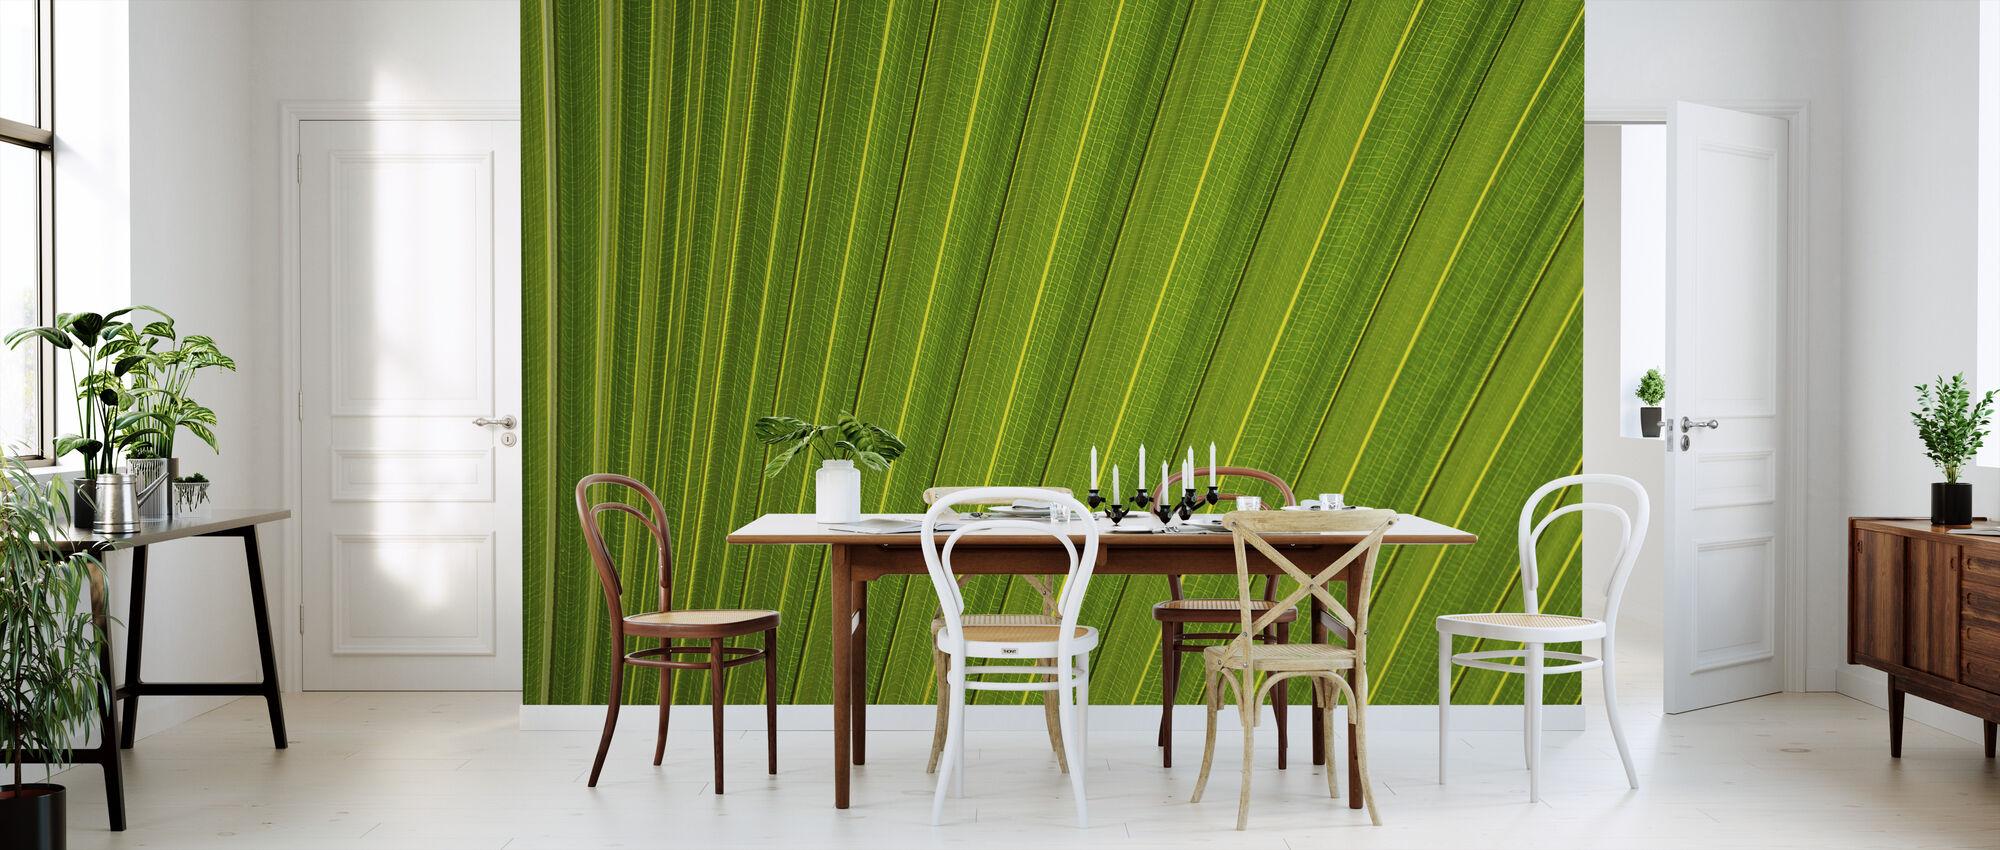 Leaf Lines - Wallpaper - Kitchen